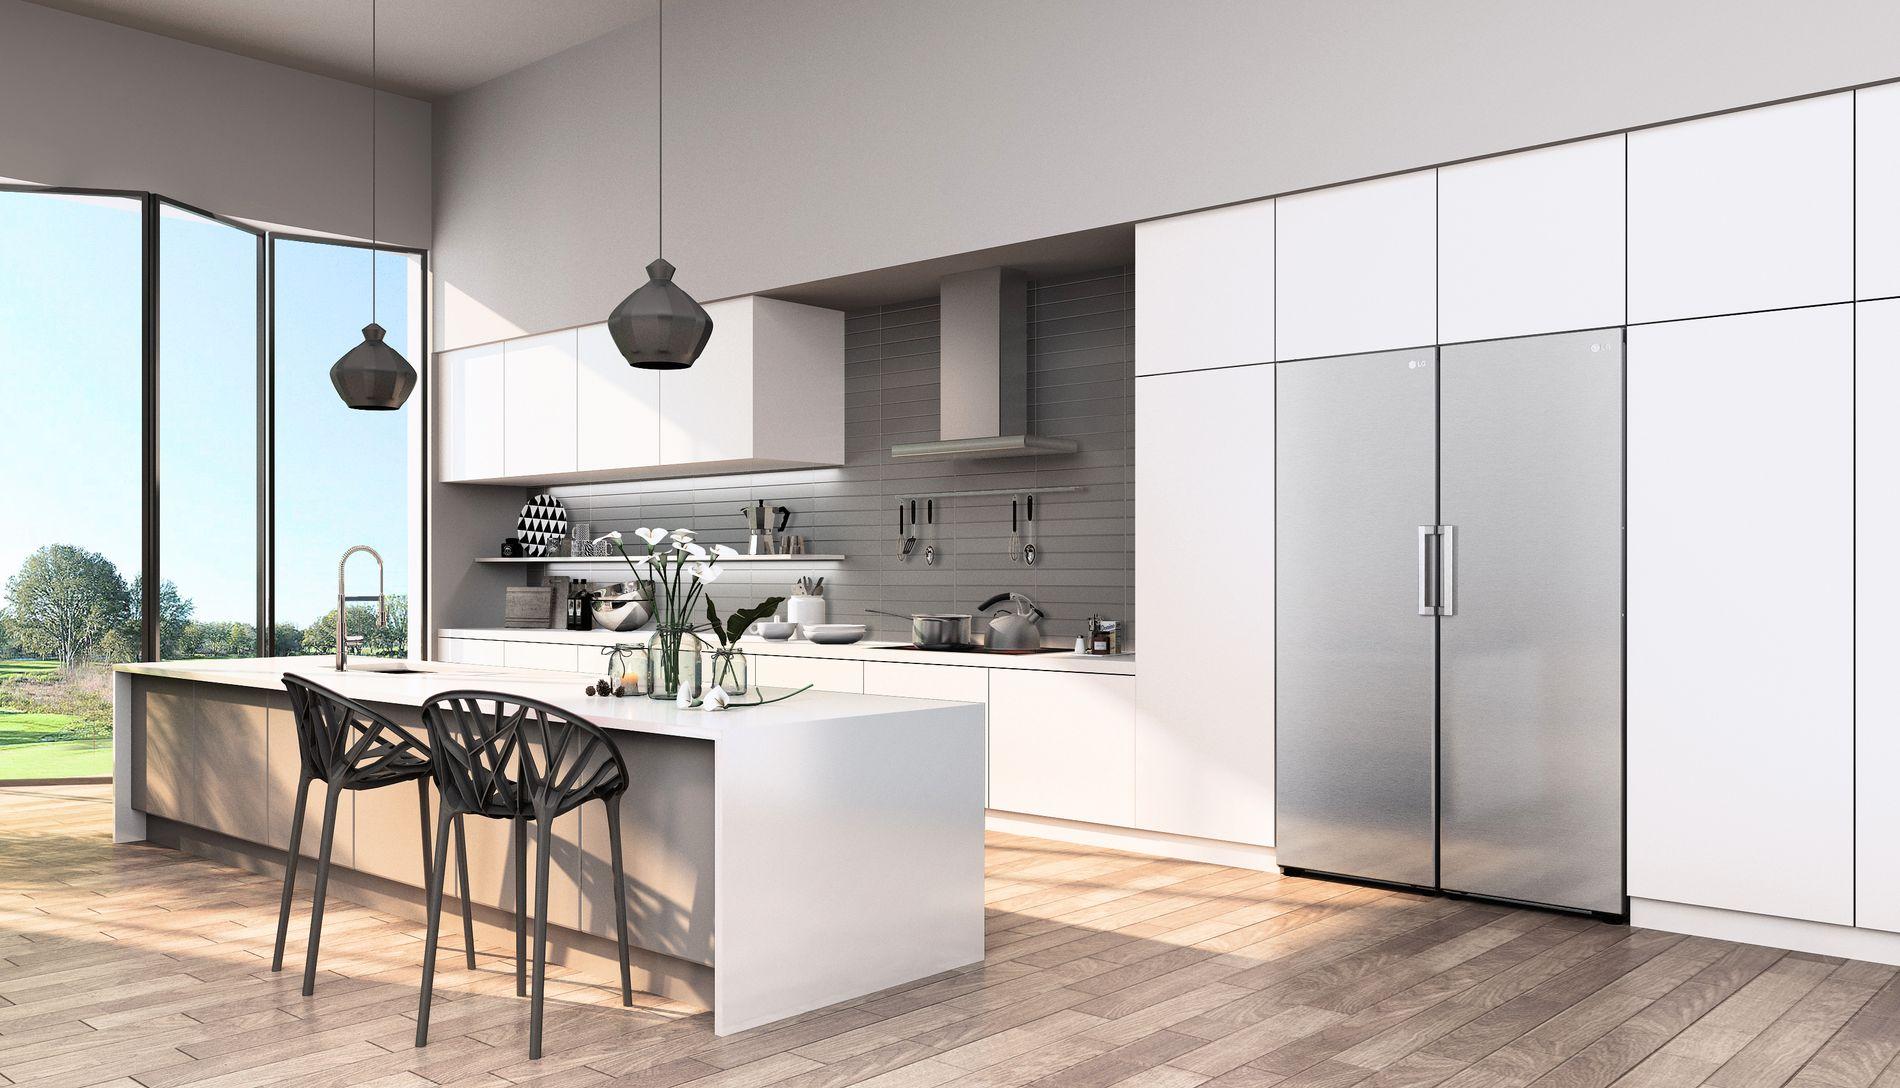 Designmessig er LG sine kjøleskap en drøm, som glir inn som en smakfull del av innredningen.